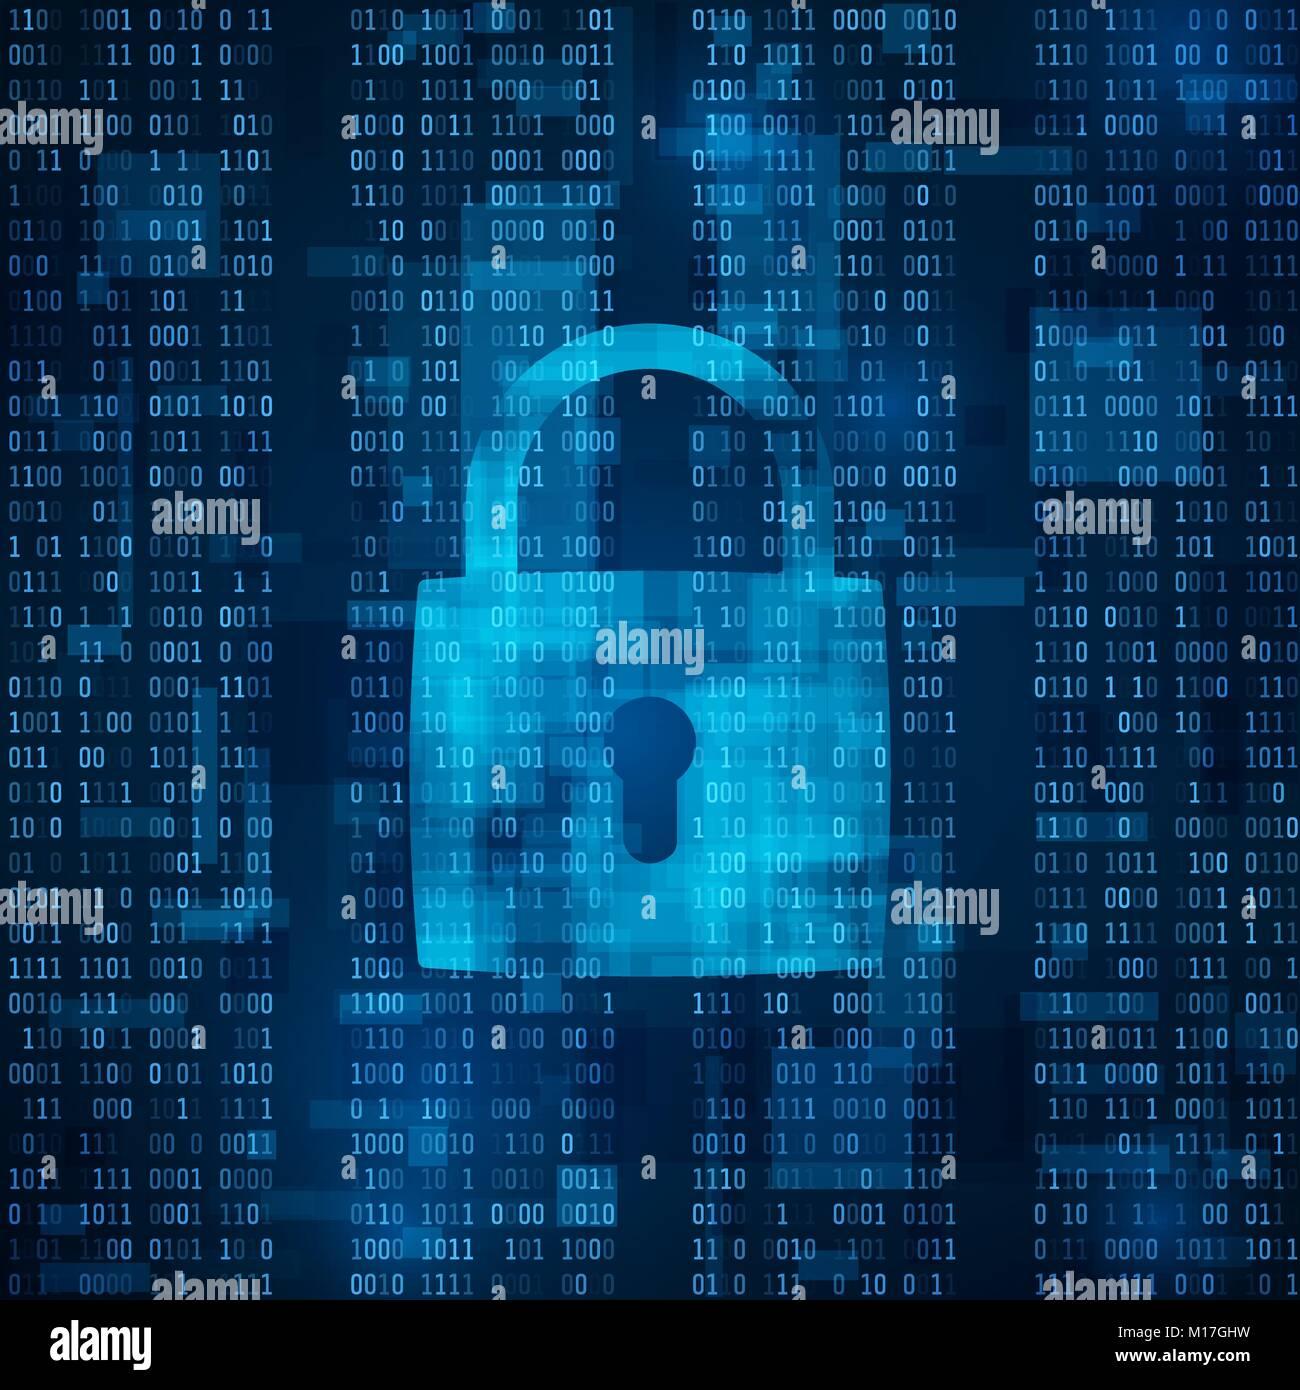 Verrouillage d'attaque de la protection des données. de piratage. logiciel antivirus. sécurité informatique. Le Illustration de Vecteur